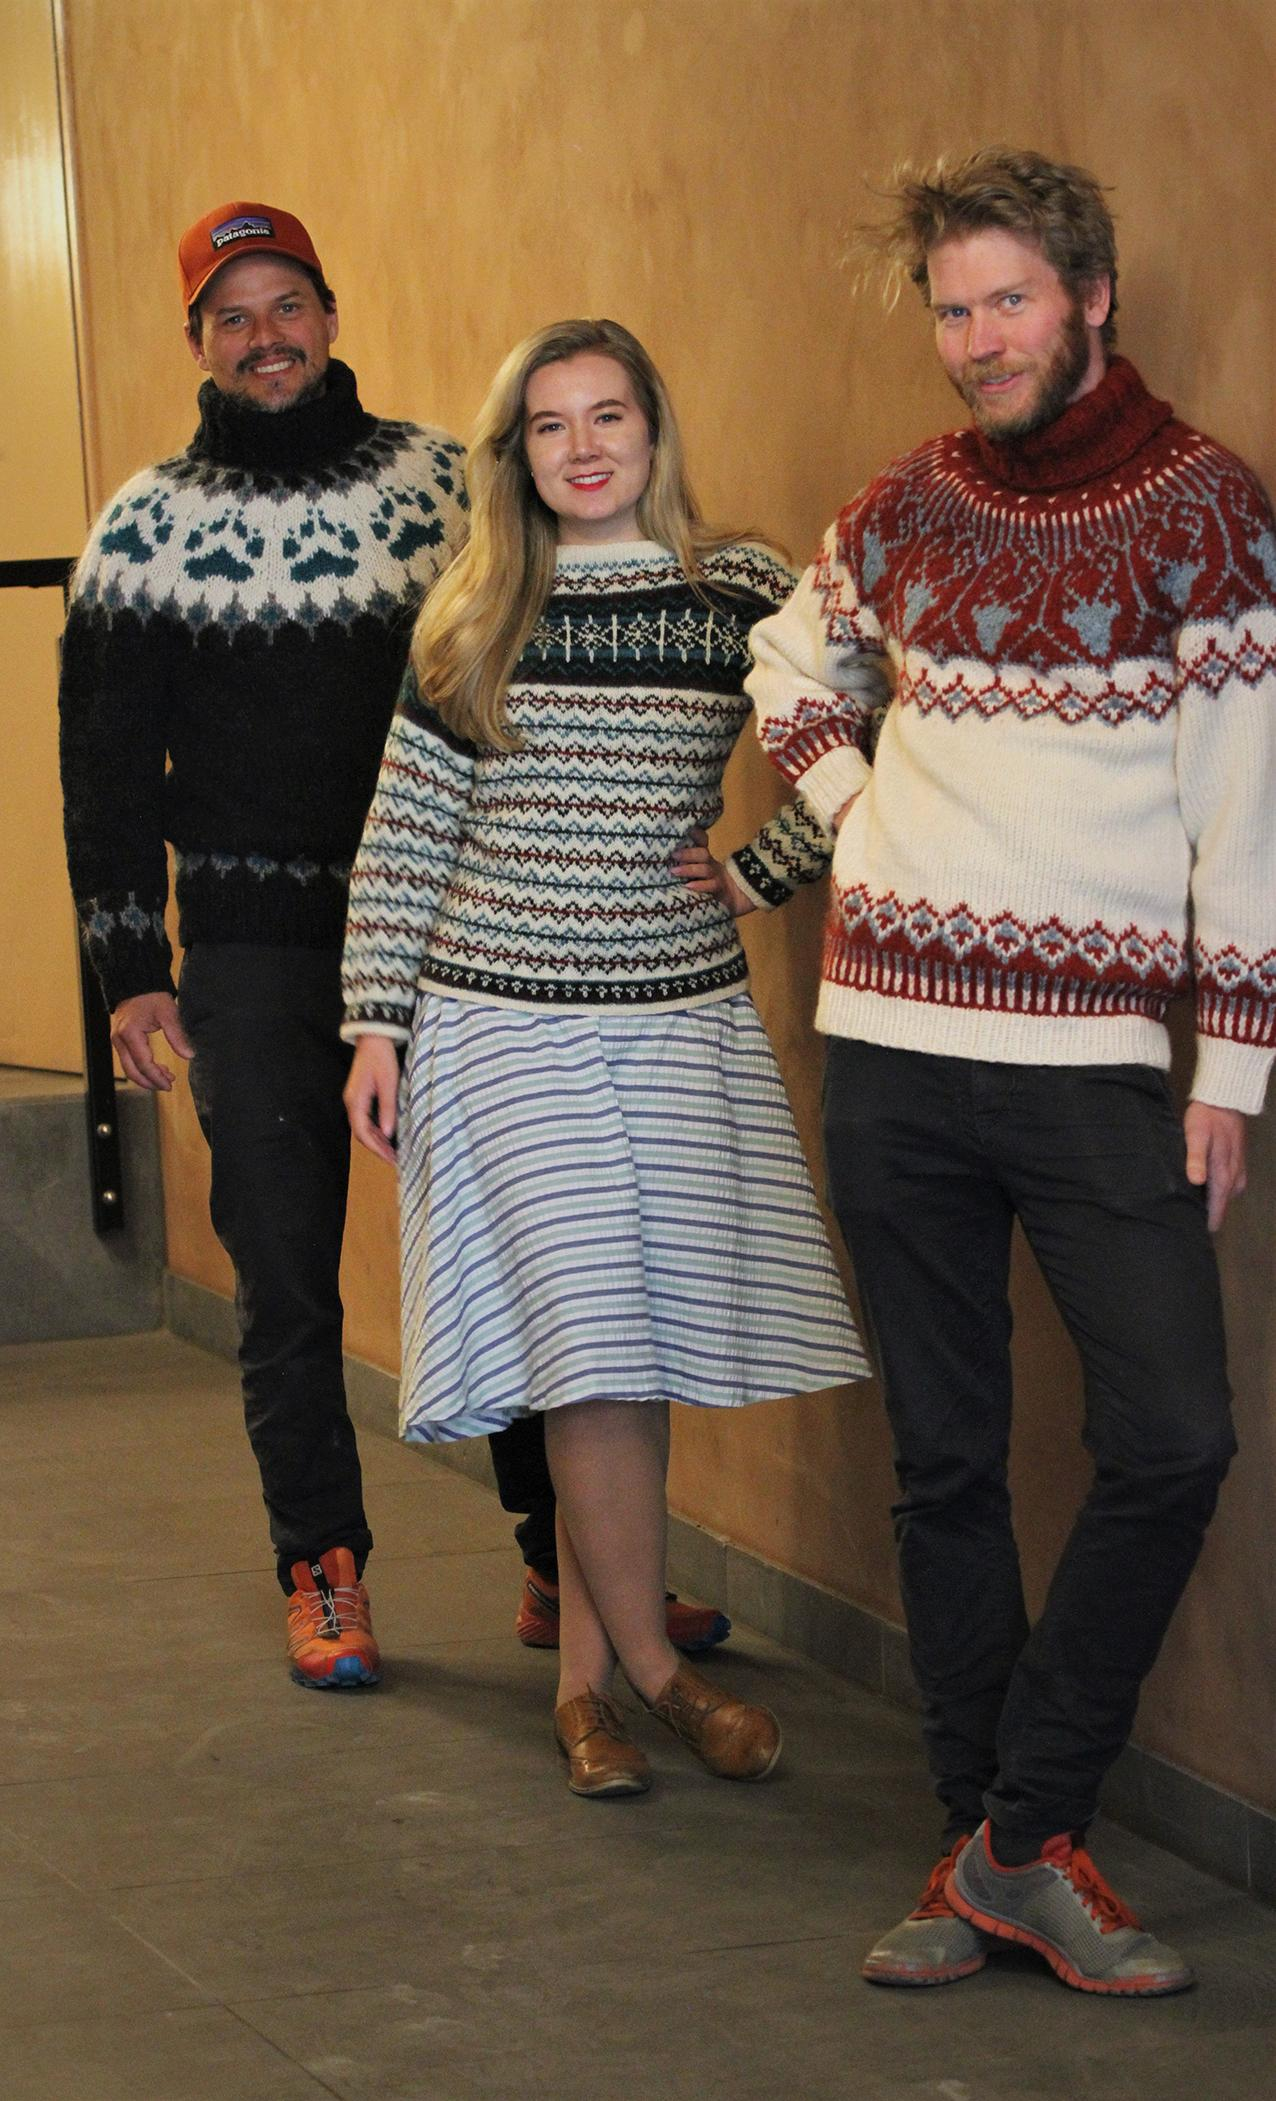 VILLMARKSGENSER: Norsk strikk er populært i utlandet. Woolit har sendt villmarksgensere helt til Beijing. Foto: Woolit